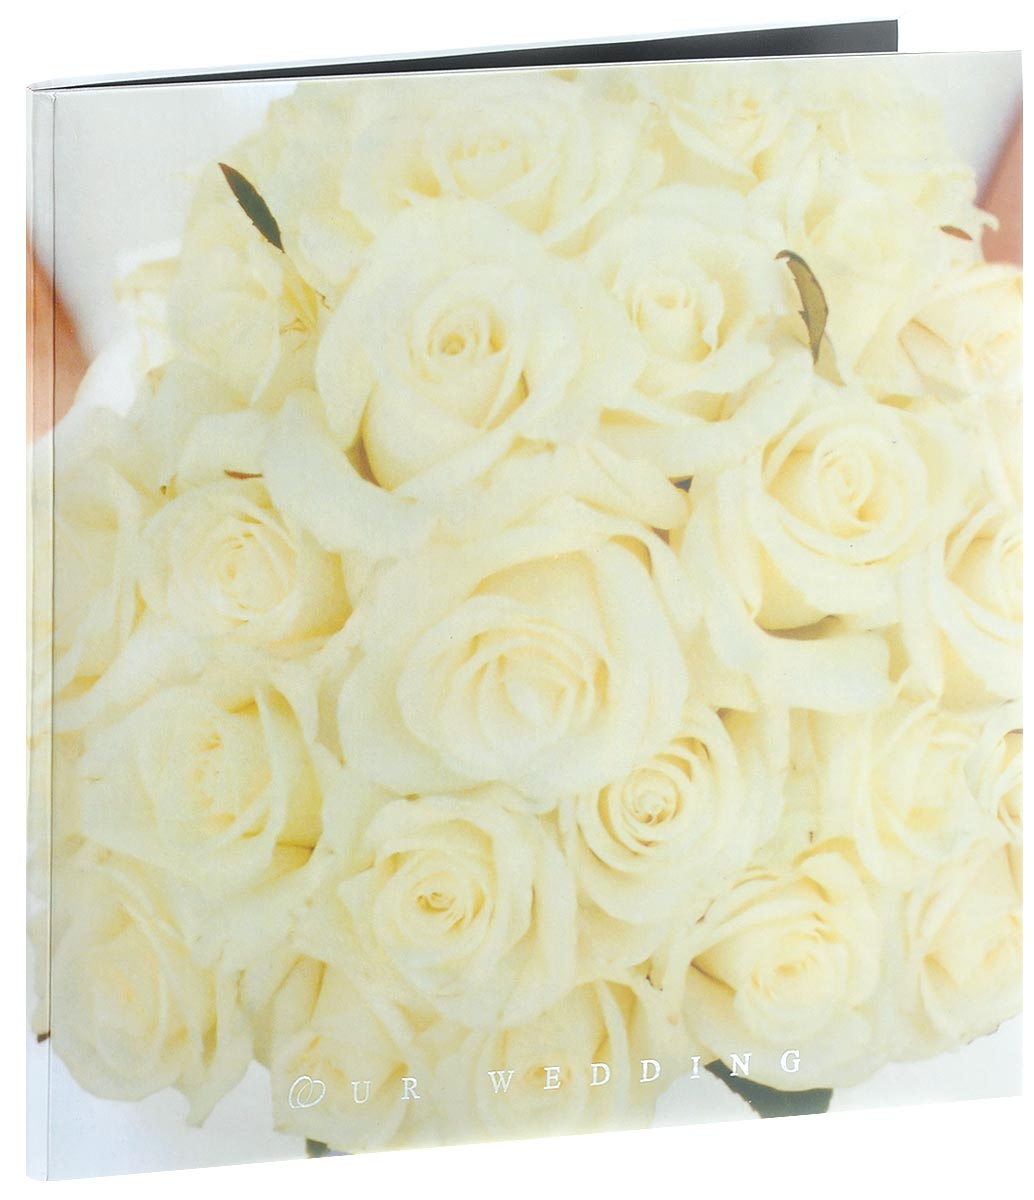 """Фотоальбом Pioneer """"Wedding Love. Белые розы"""", изготовленный из картона с клеевымпокрытием и пленки ПВХ, сохранит моменты ваших счастливых мгновений насвоих страницах! Обложка оформлена ярким изображением цветов. Альбом с """"магнитными""""листами удобен тем, что он позволяет размещать фотографии разных размеров.""""Магнитные"""" страницы обладают следующими преимуществами: - Не нужно прикладывать усилий для закрепления фотографий, - Не нужно заботиться о размерах фотографий, так как вы можете вставить вальбом фотографии разных размеров, - Защита фотографий от постоянных прикосновений зрителей с помощью пленки ПВХ.Нам всегда так приятно вспоминать о самых счастливых моментах жизни, запечатленных нафотографиях. Поэтому фотоальбом является универсальным подарком к любому празднику.Вашим родным, близким и просто знакомым будет приятно помещать фотографии в этотальбом.Количество листов: 10 шт.Размер листа: 29 см х 32 см."""